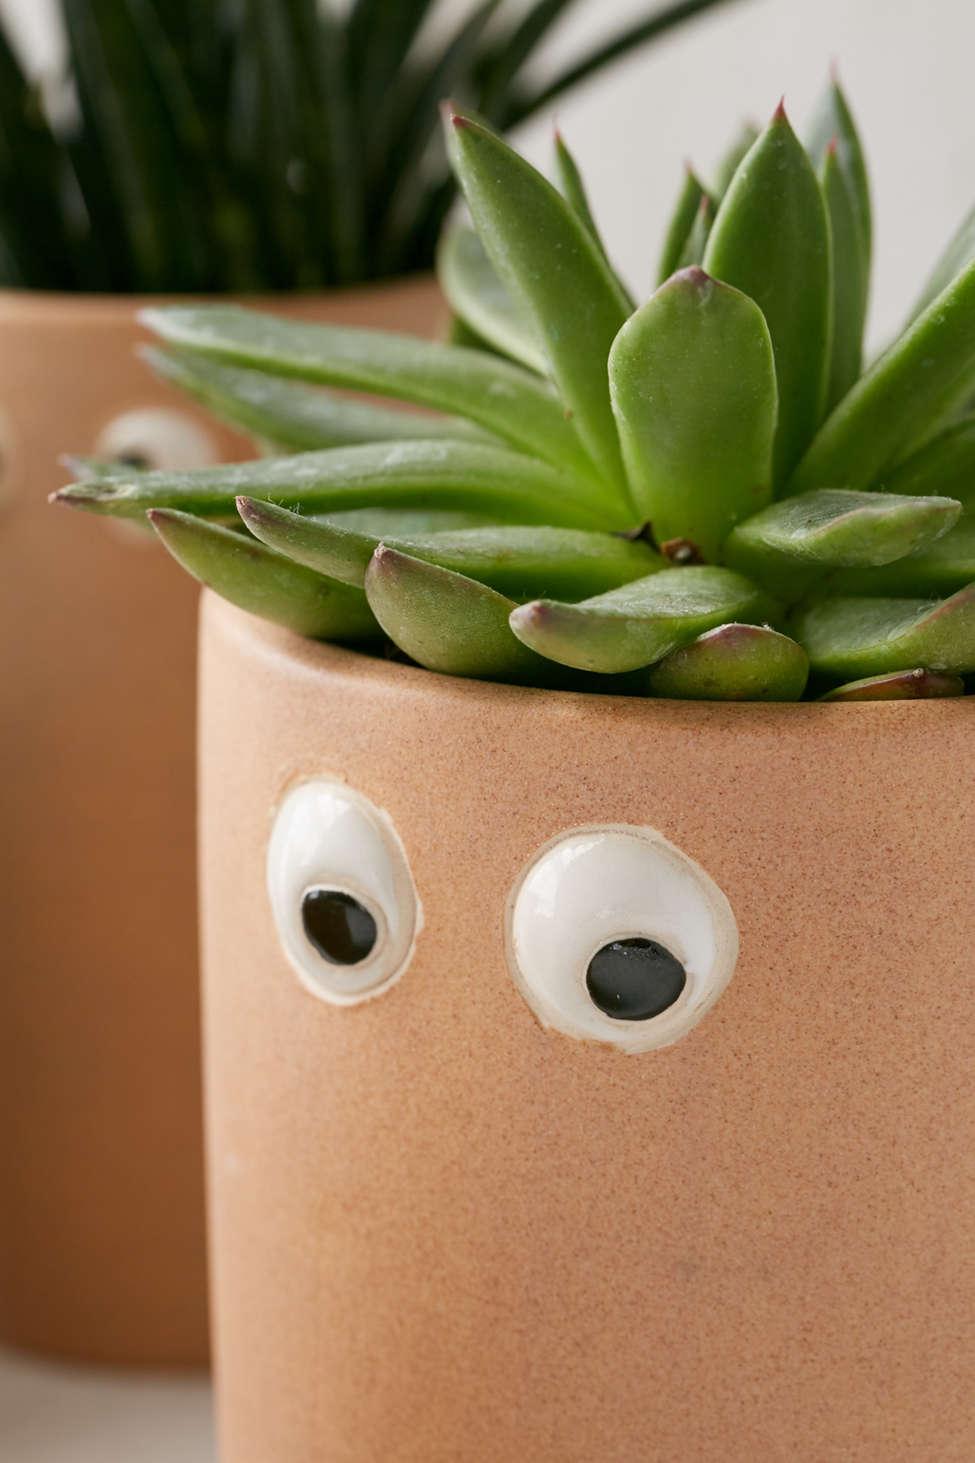 Slide View: 3: Henry Googly Eye Planter